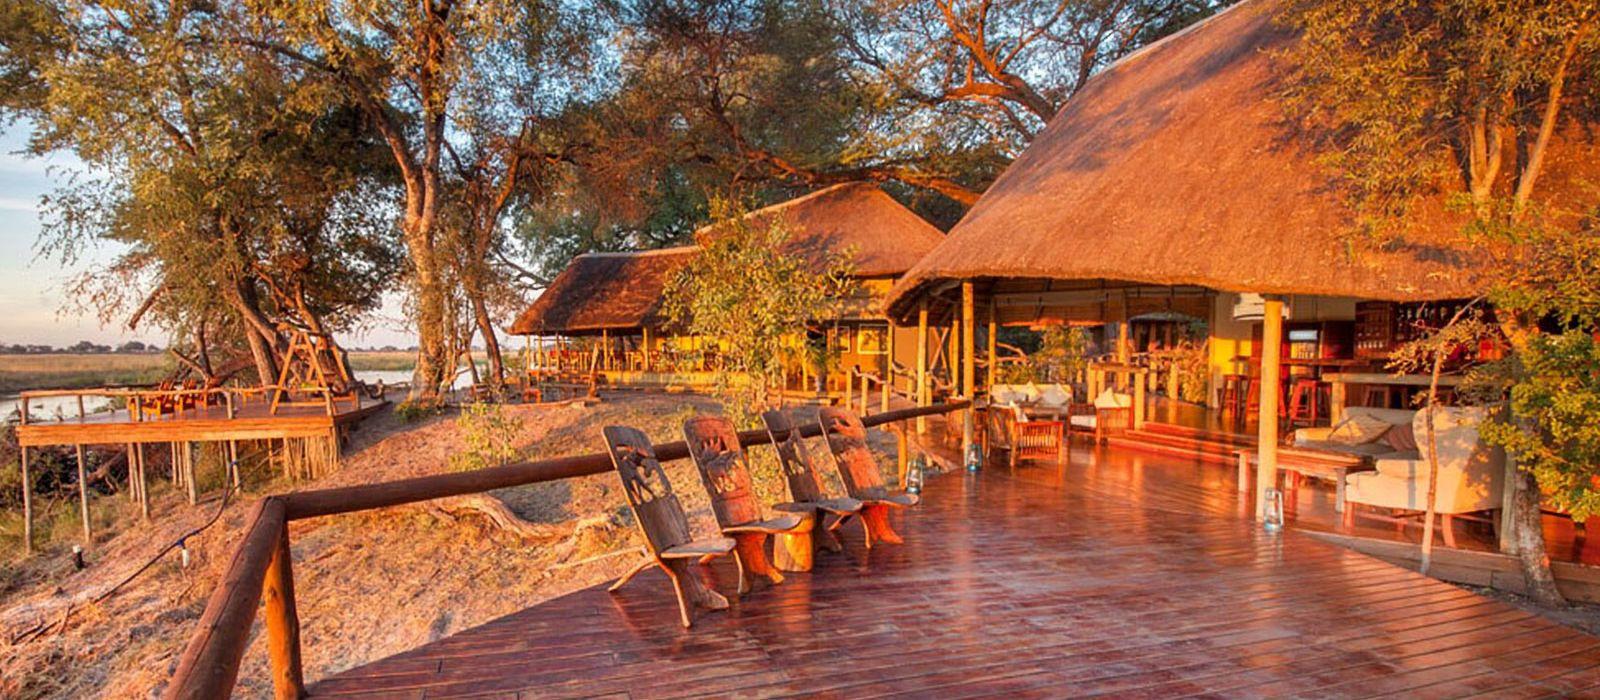 Hotel Lagoon Camp Botswana